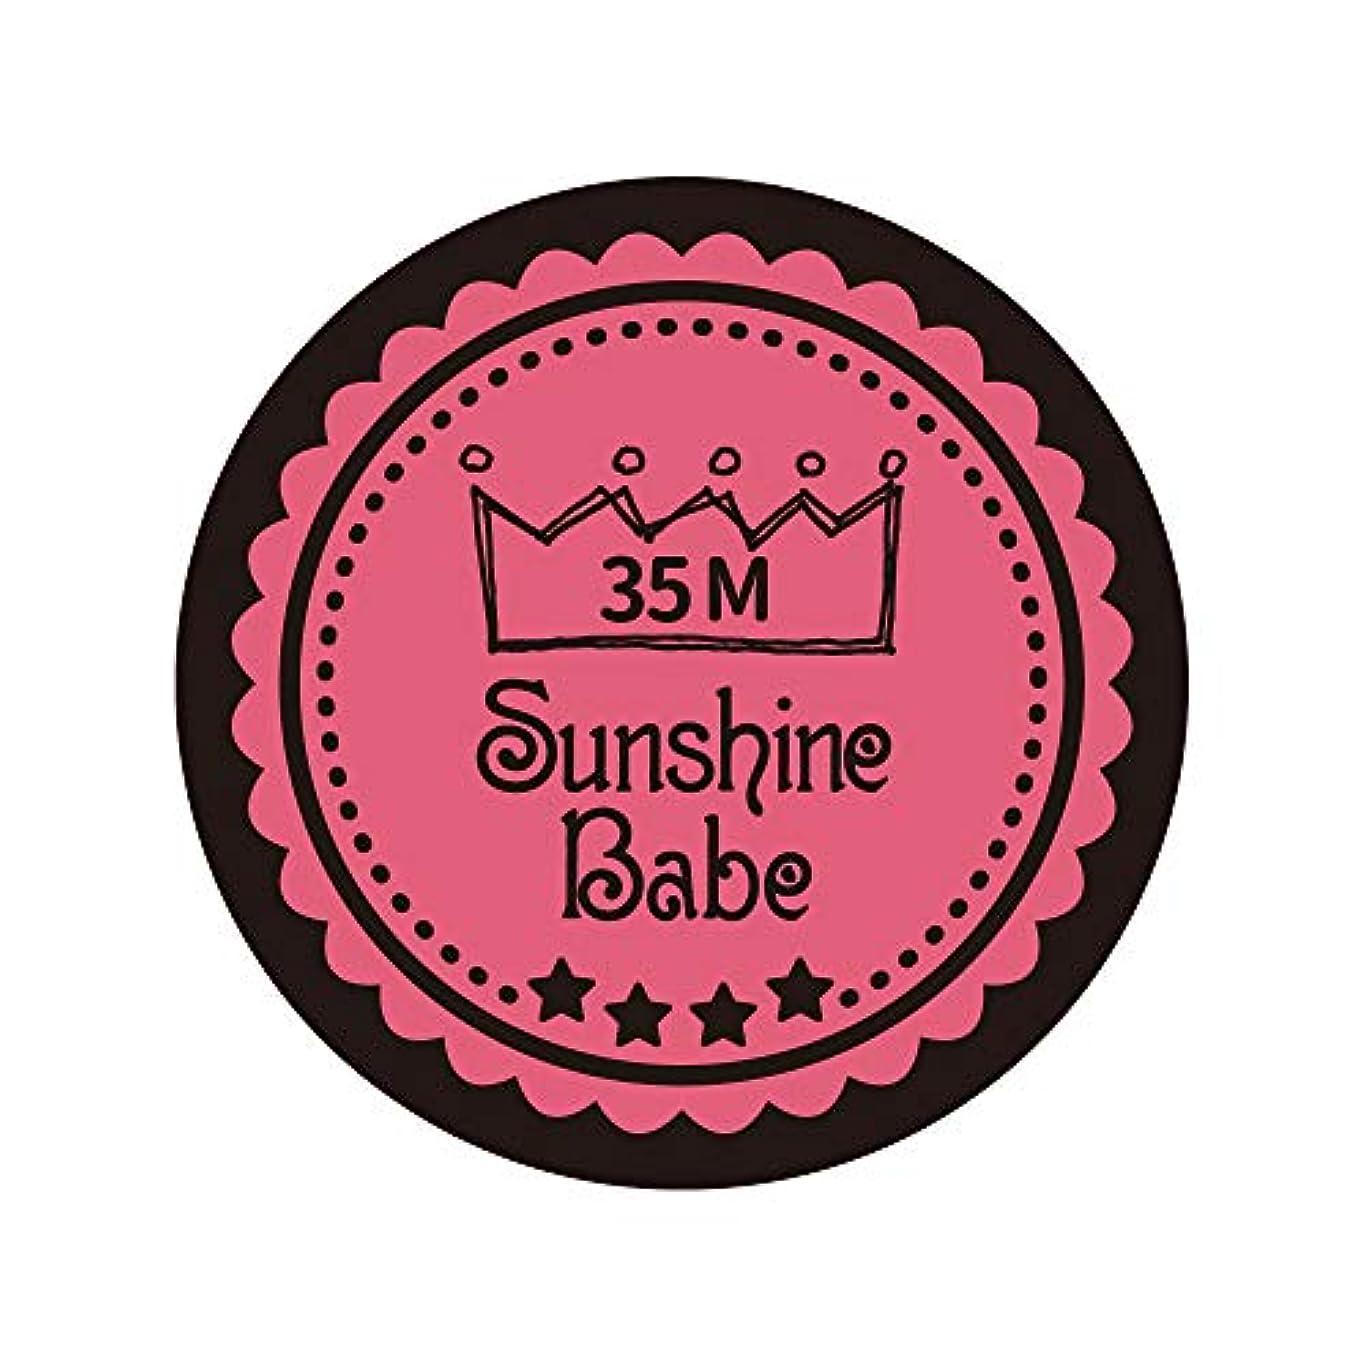 リブ栄光のしなやかSunshine Babe カラージェル 35M ローズピンク 4g UV/LED対応